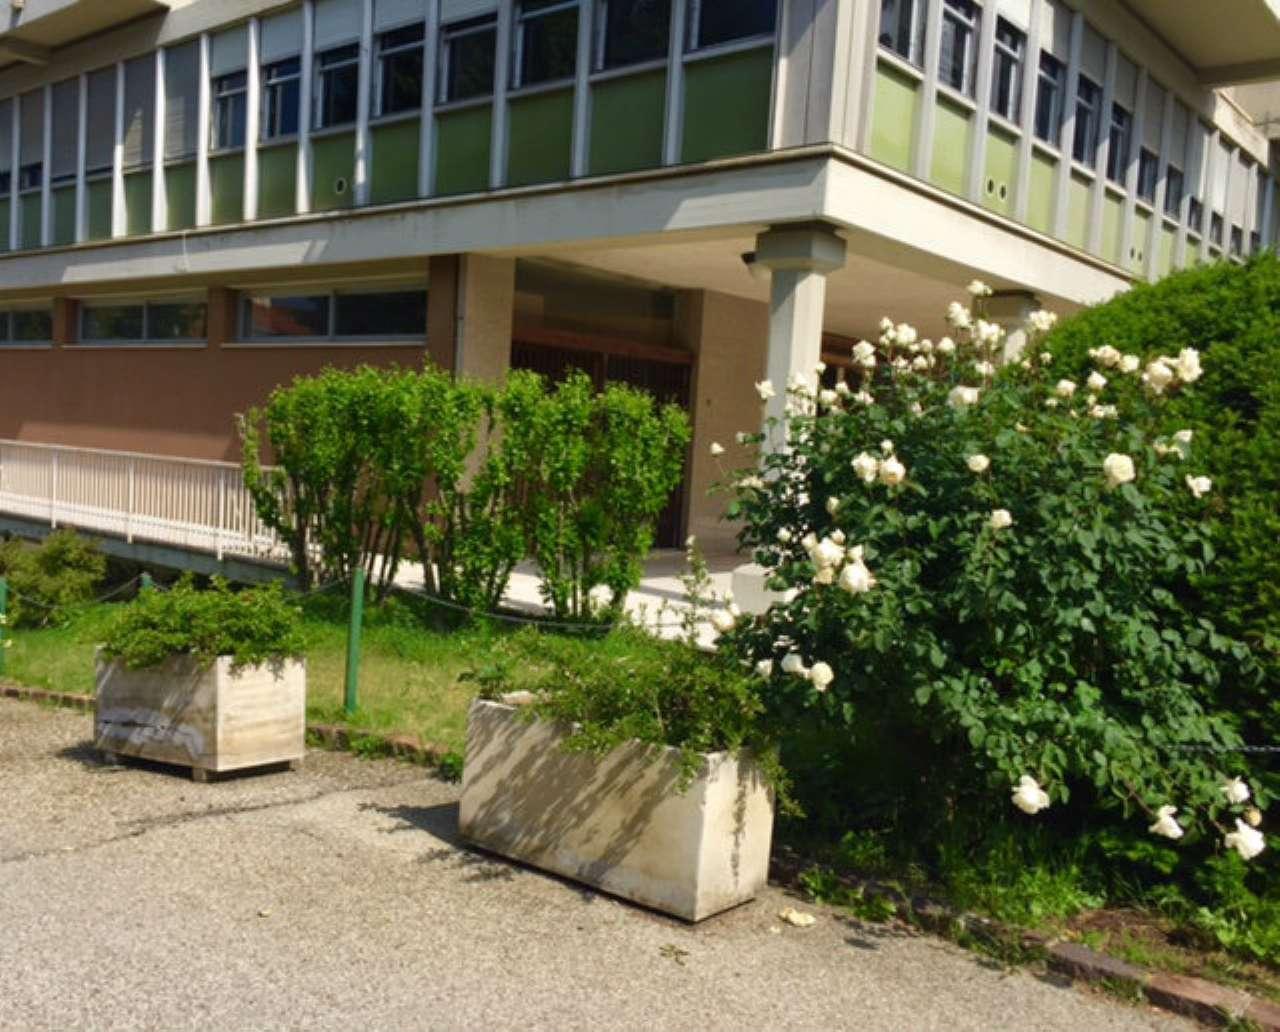 Ufficio / Studio in vendita a Sassuolo, 9999 locali, prezzo € 280.000 | CambioCasa.it